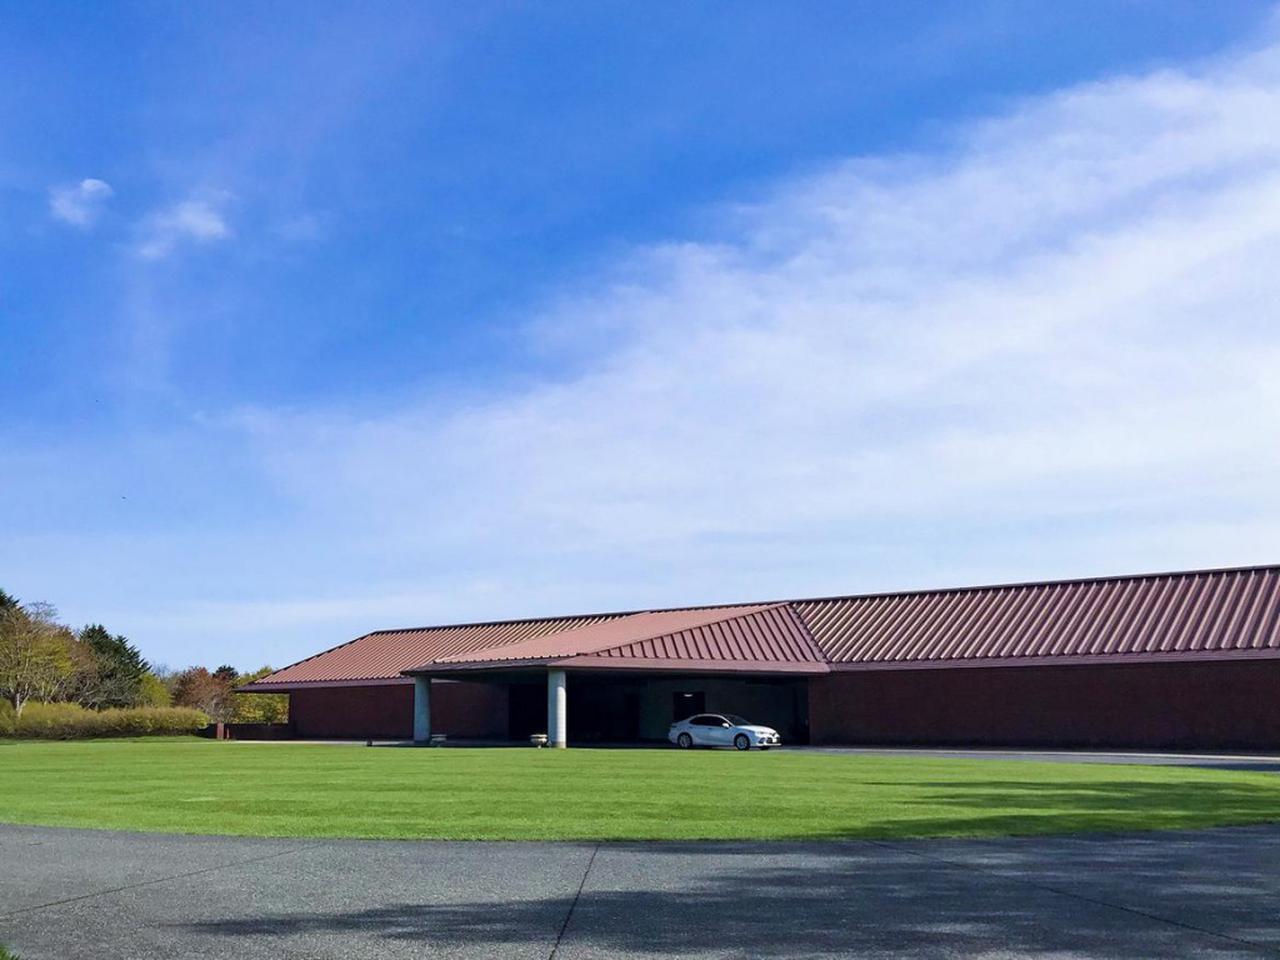 画像: プロダクトデザイナーとしても有名な黒川雅之氏がデザインしたクラブハウス